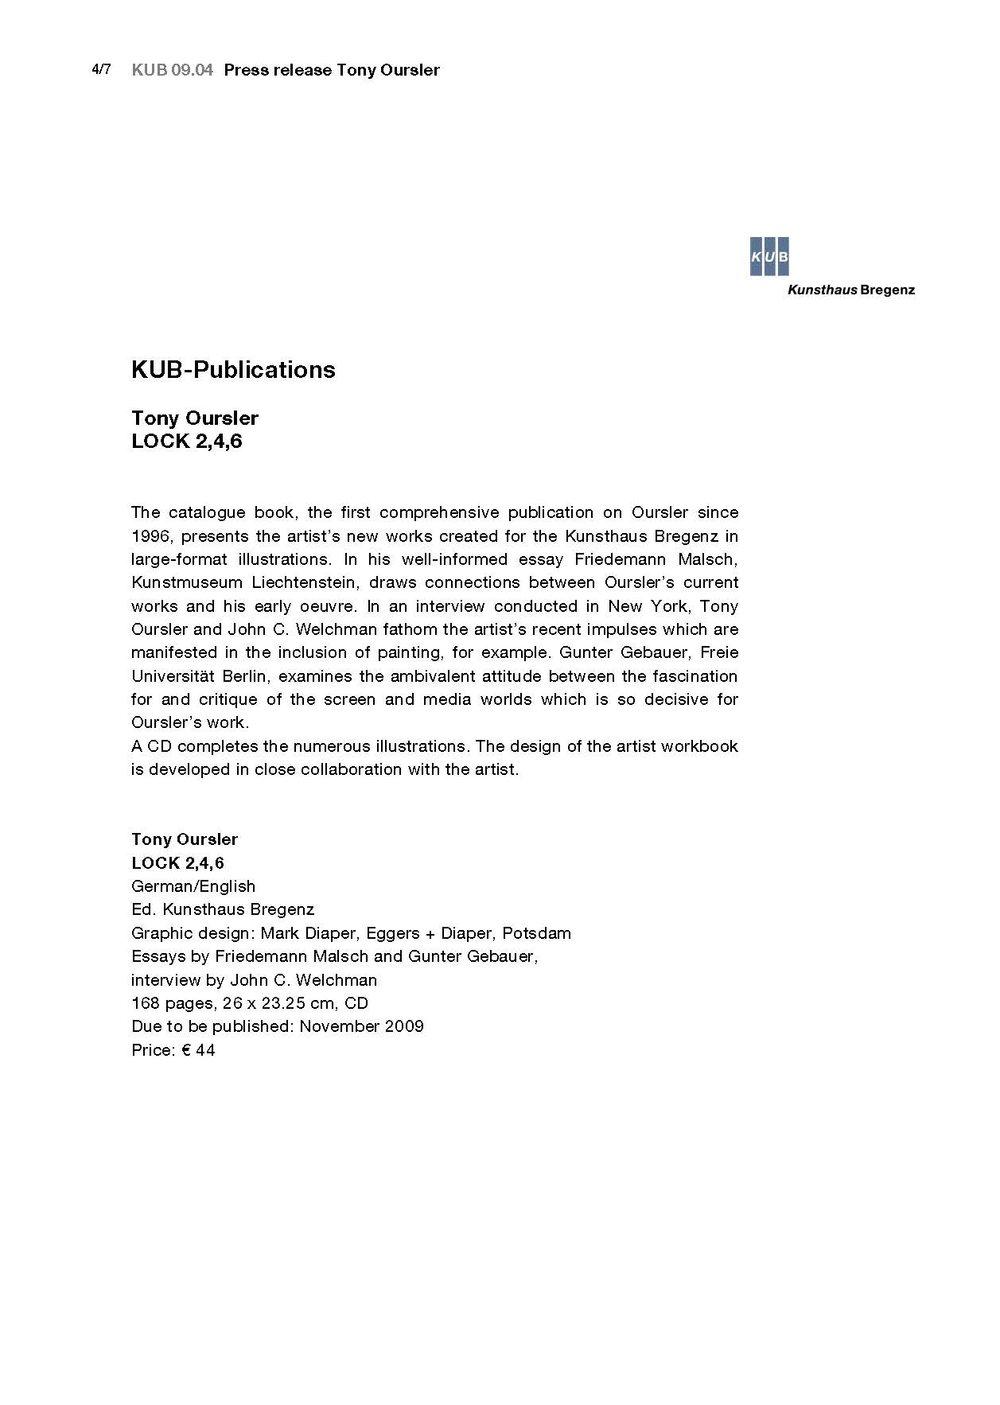 LOCK 2, 4, 6 - Press Release_Page_4.jpg